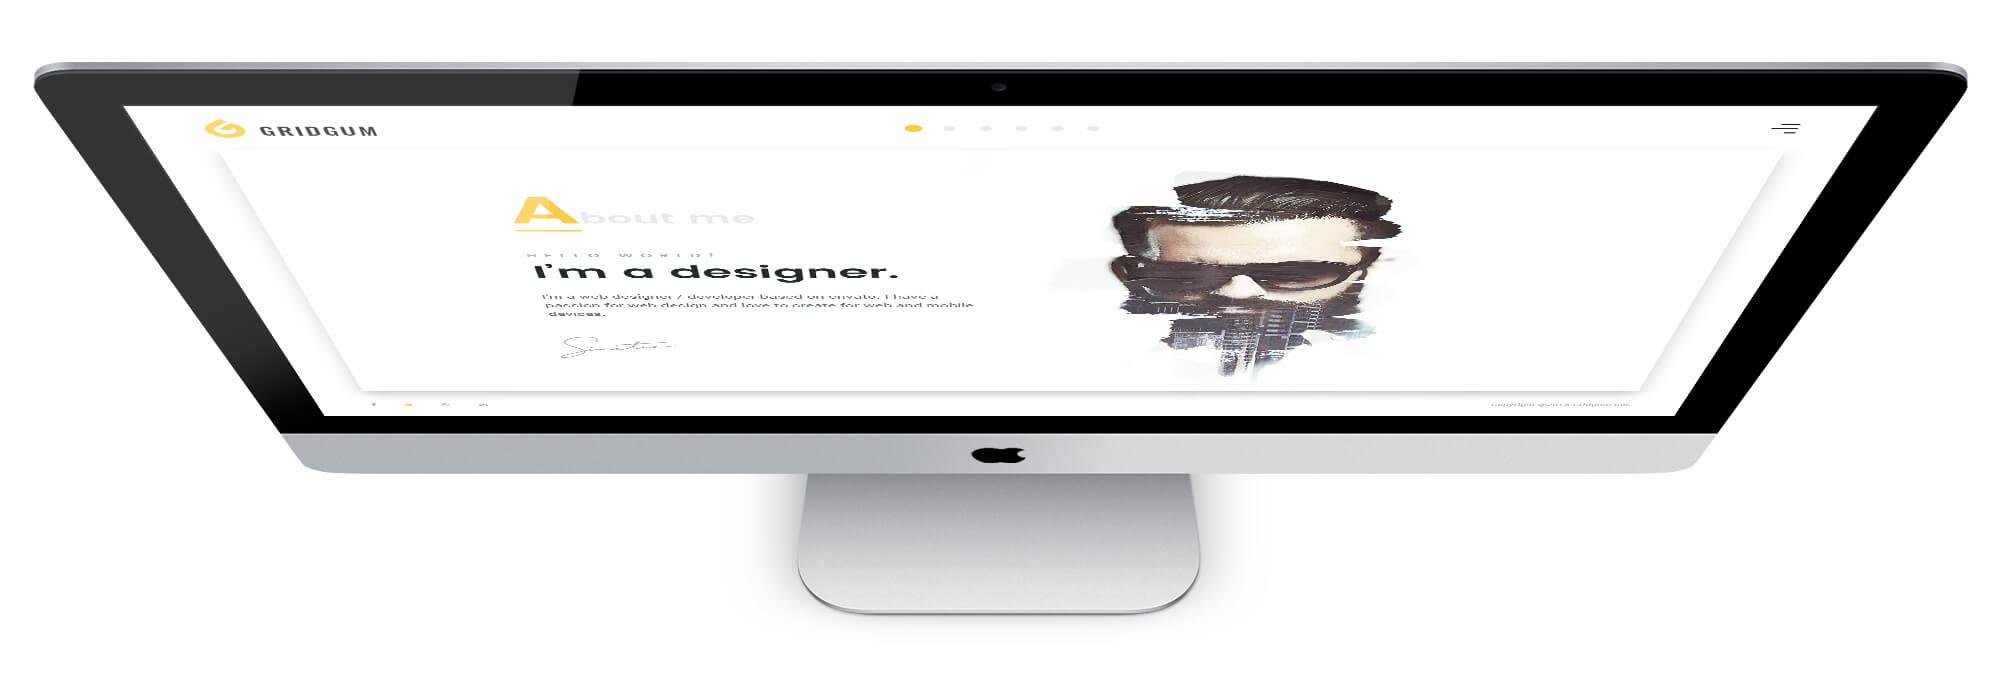 Freelancer white design